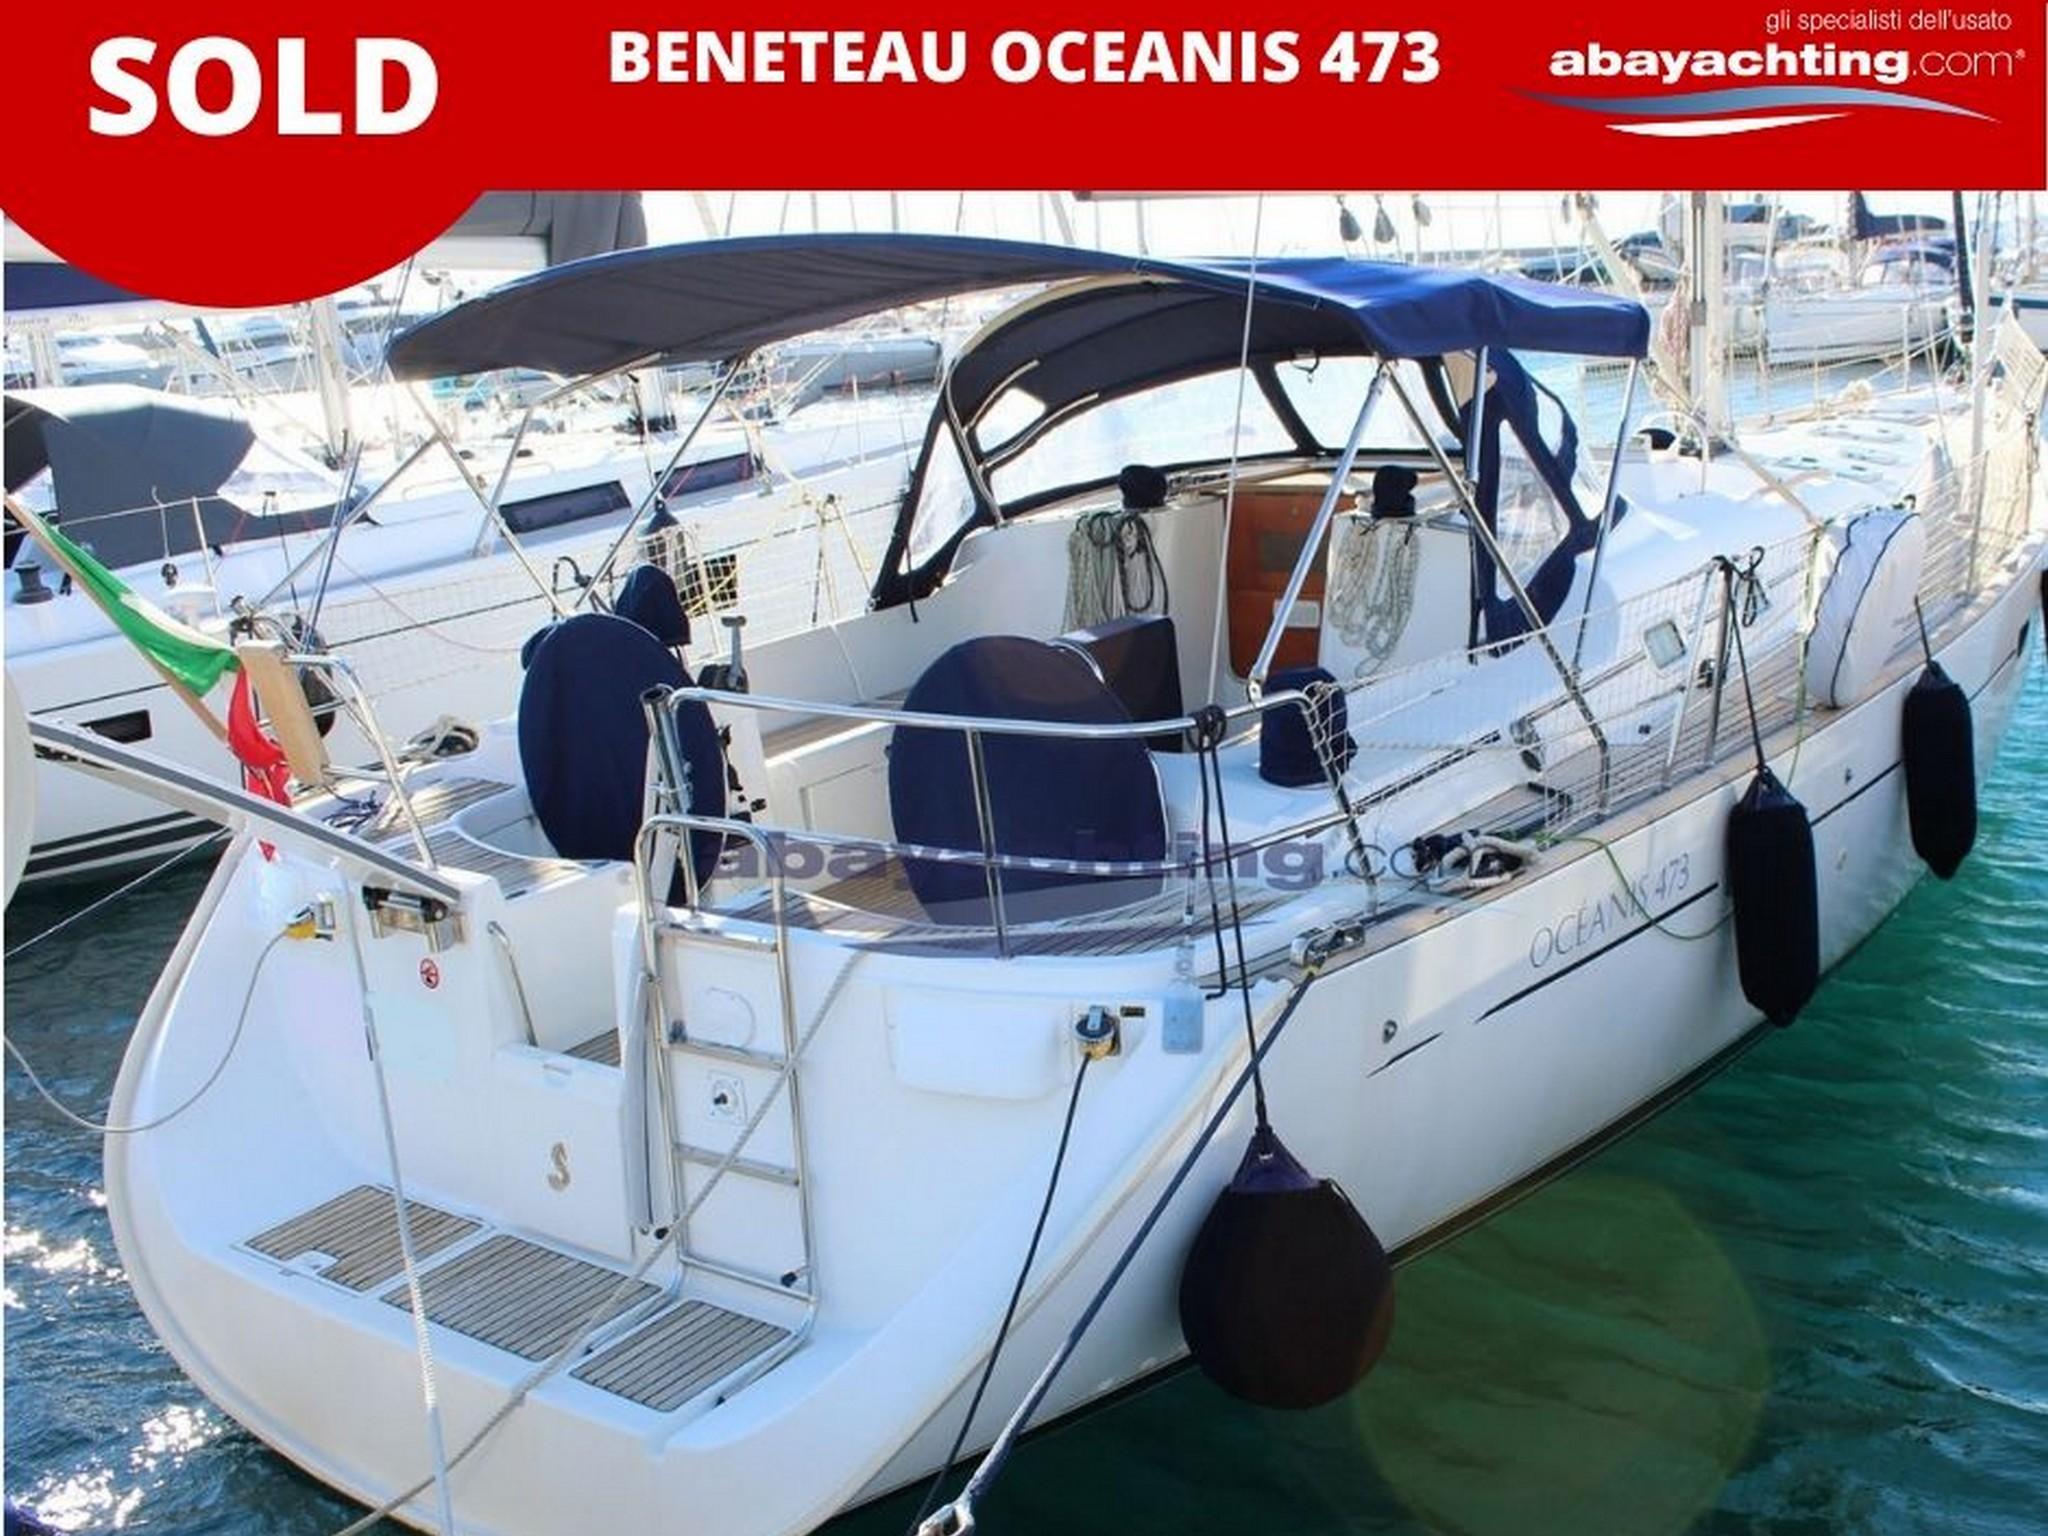 Oceanis 473 sold